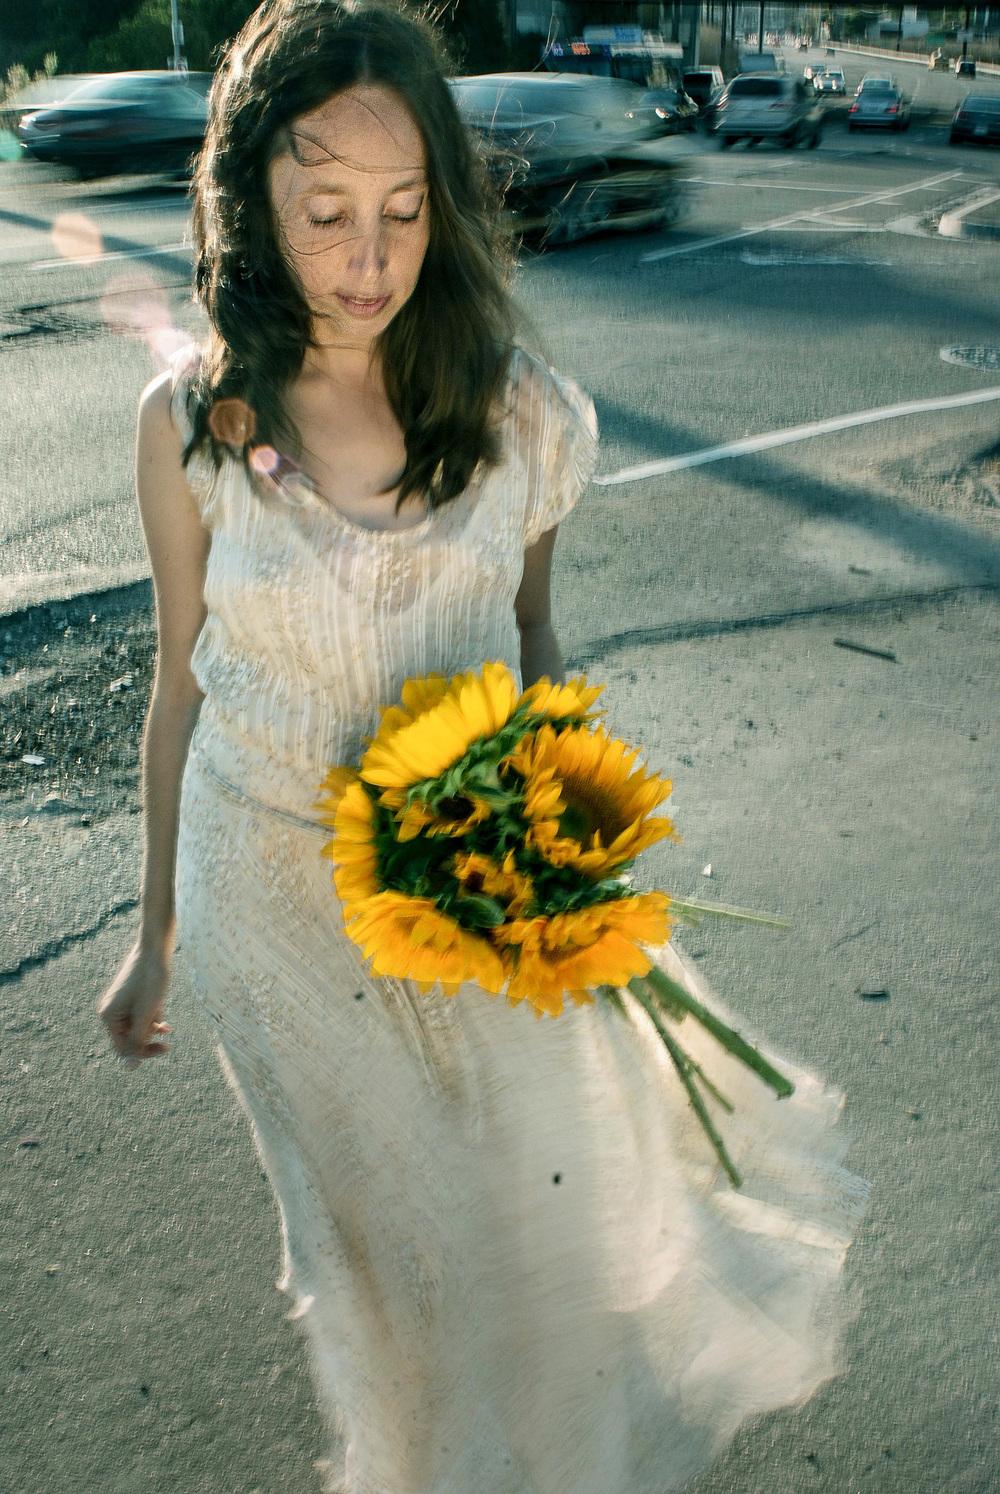 orly_flower_road.jpg